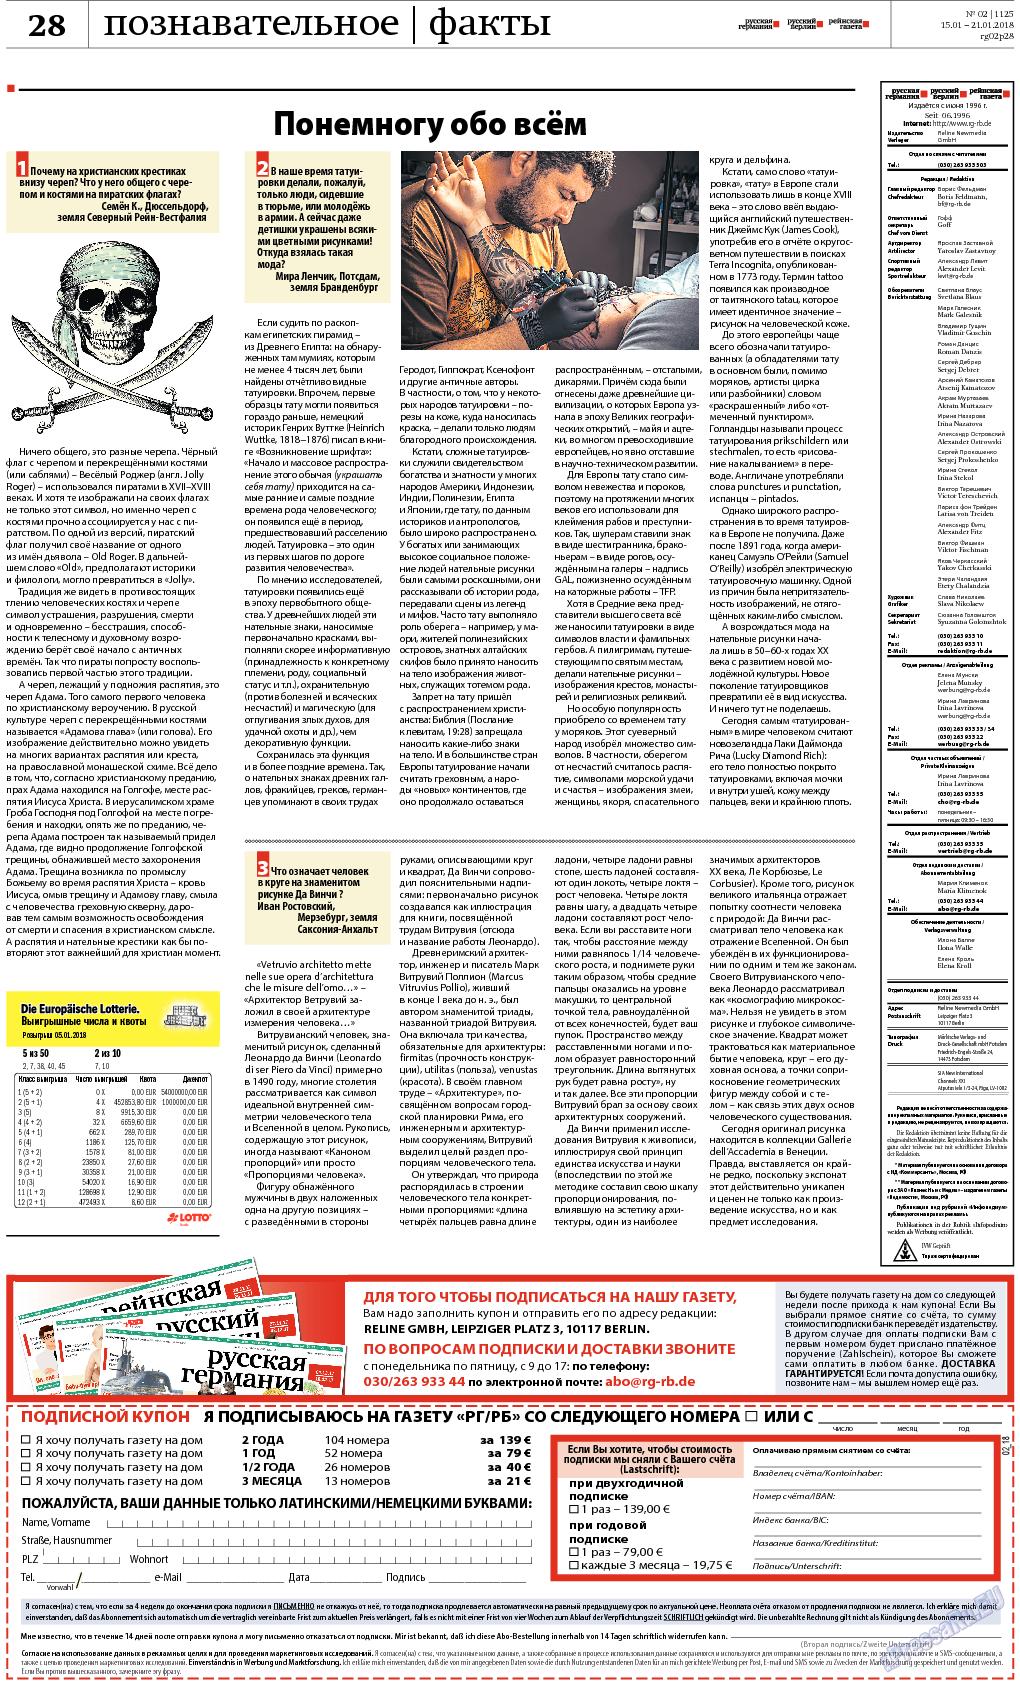 Русский Берлин (газета). 2018 год, номер 2, стр. 28